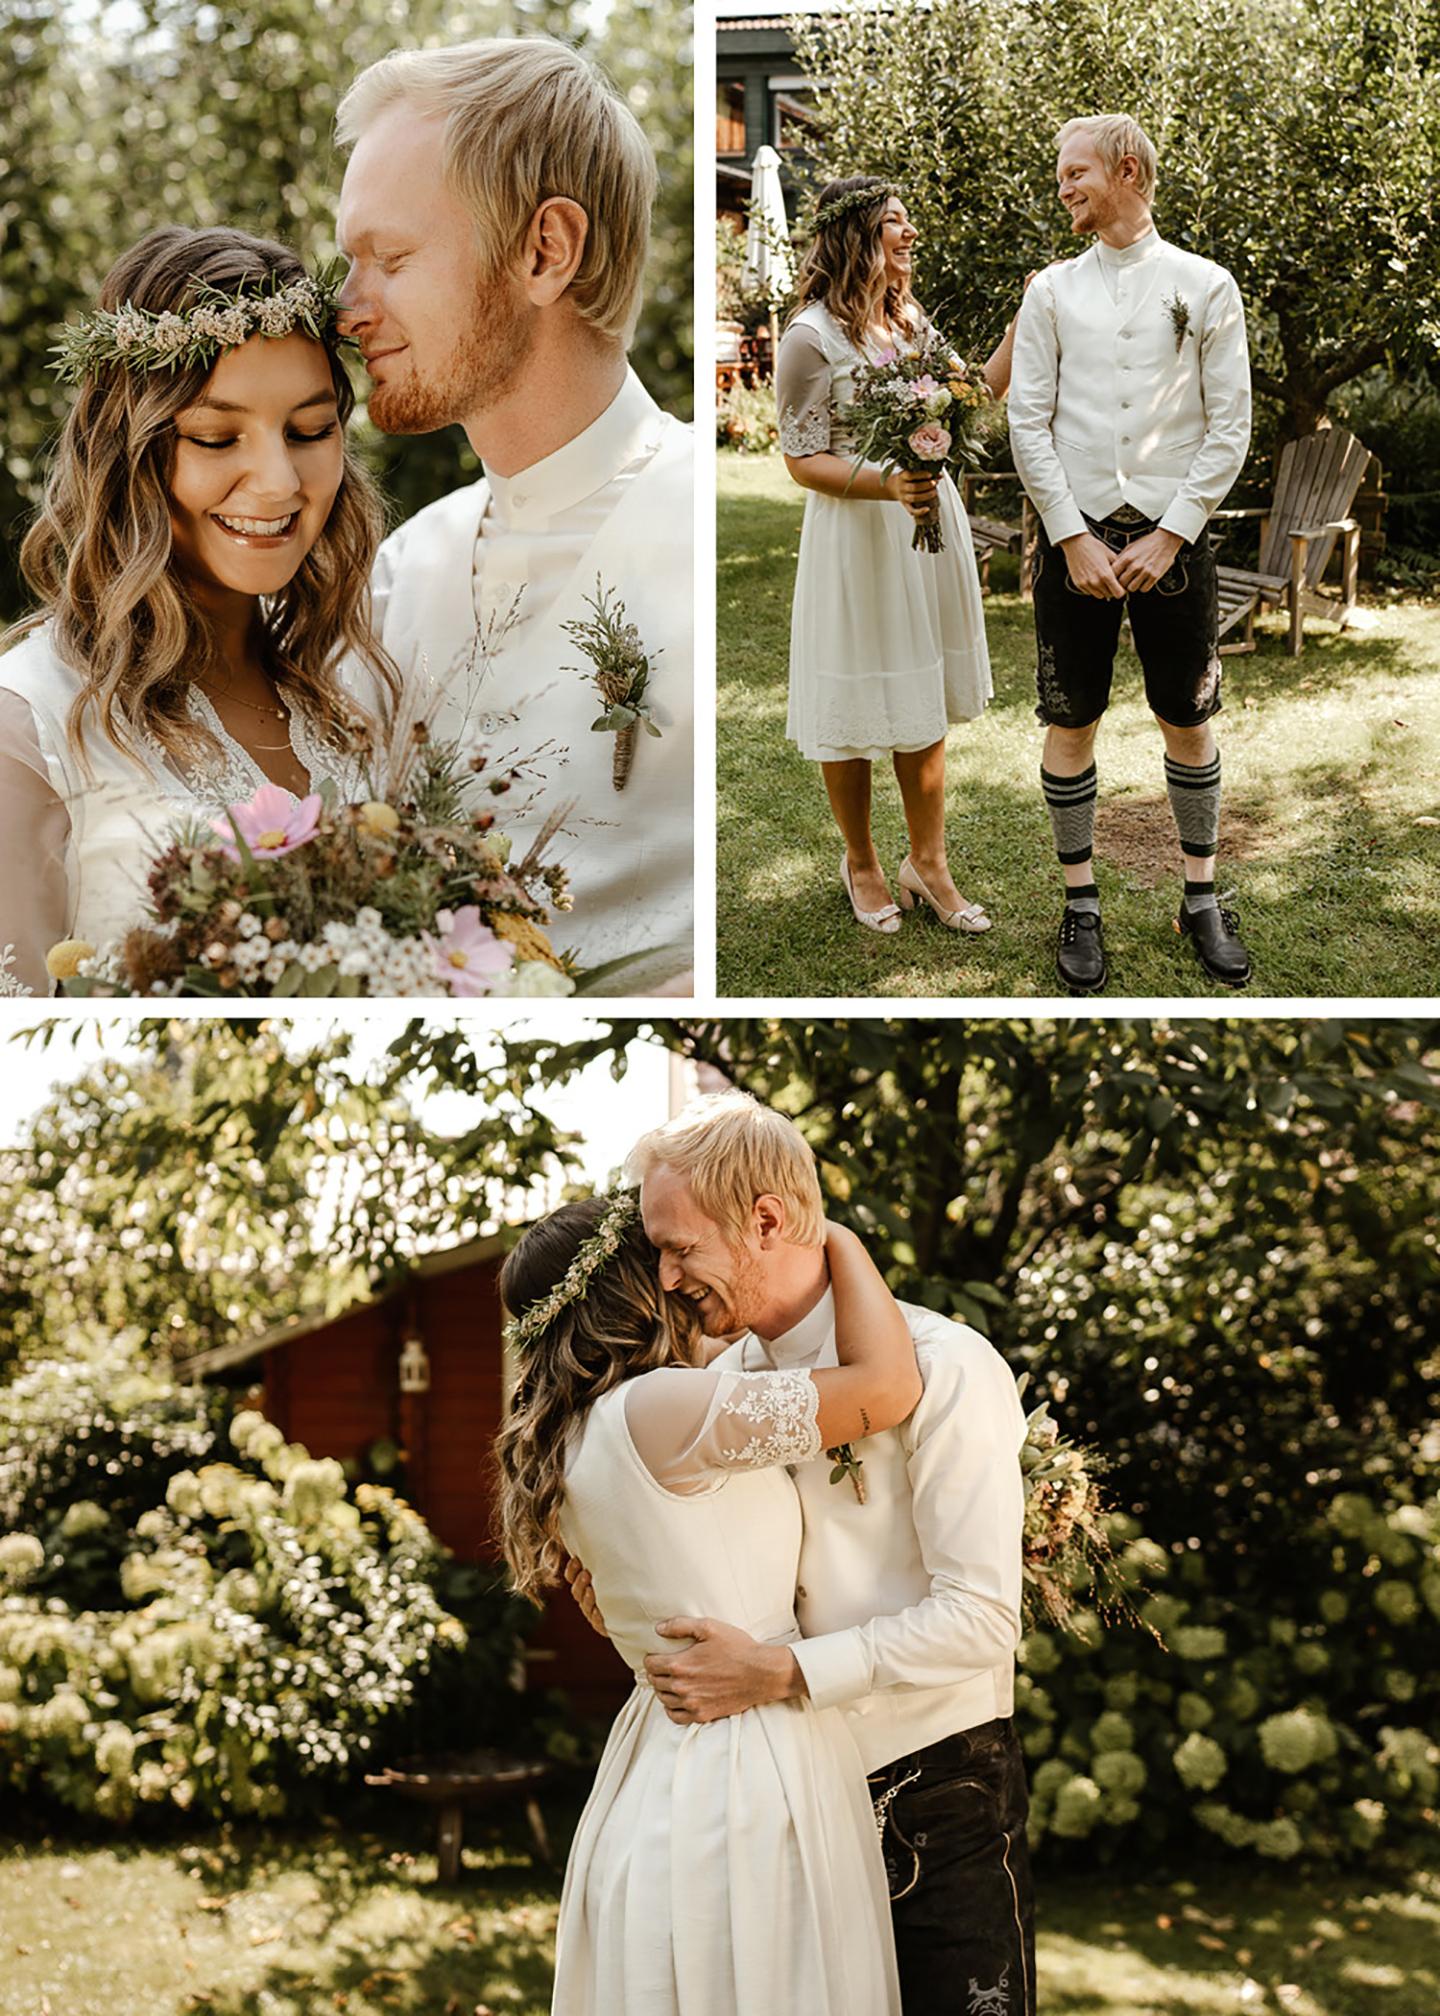 Das Hochzeitspaar steht im Garten nach der Trauung. Die Braut trägt ein Dirndl und der Mann eine bayrische Tracht. Sie küssen sich, albern herum und sind fröhlich.